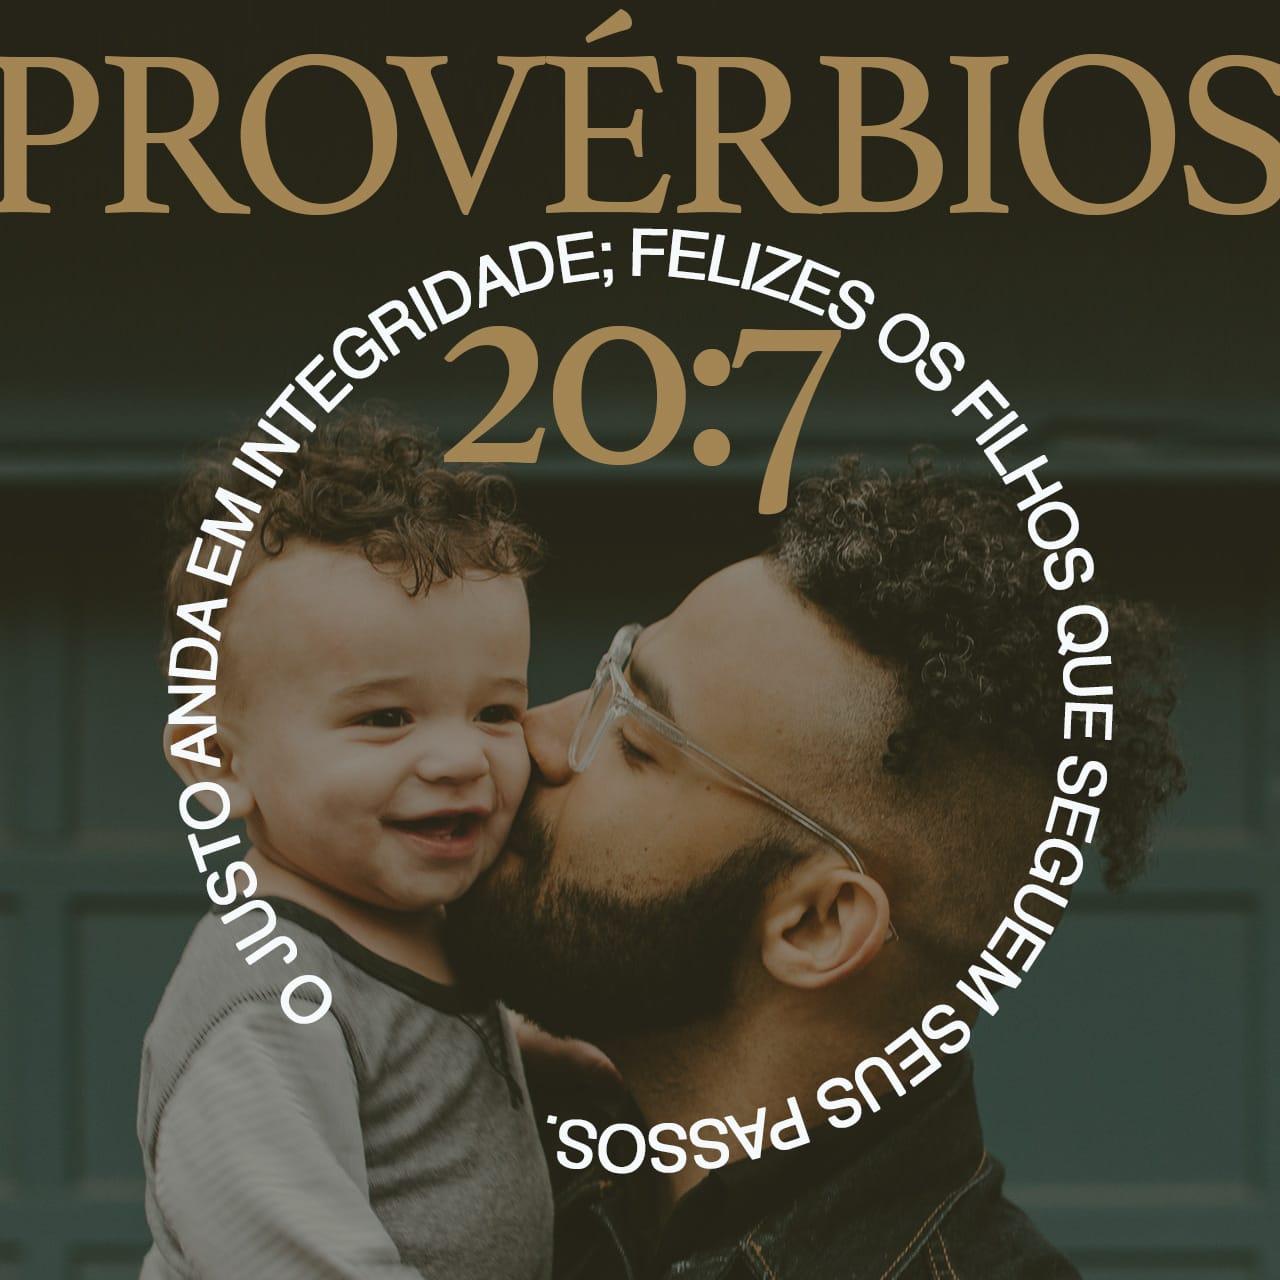 Imagem do Versículo de Provérbios 20:7